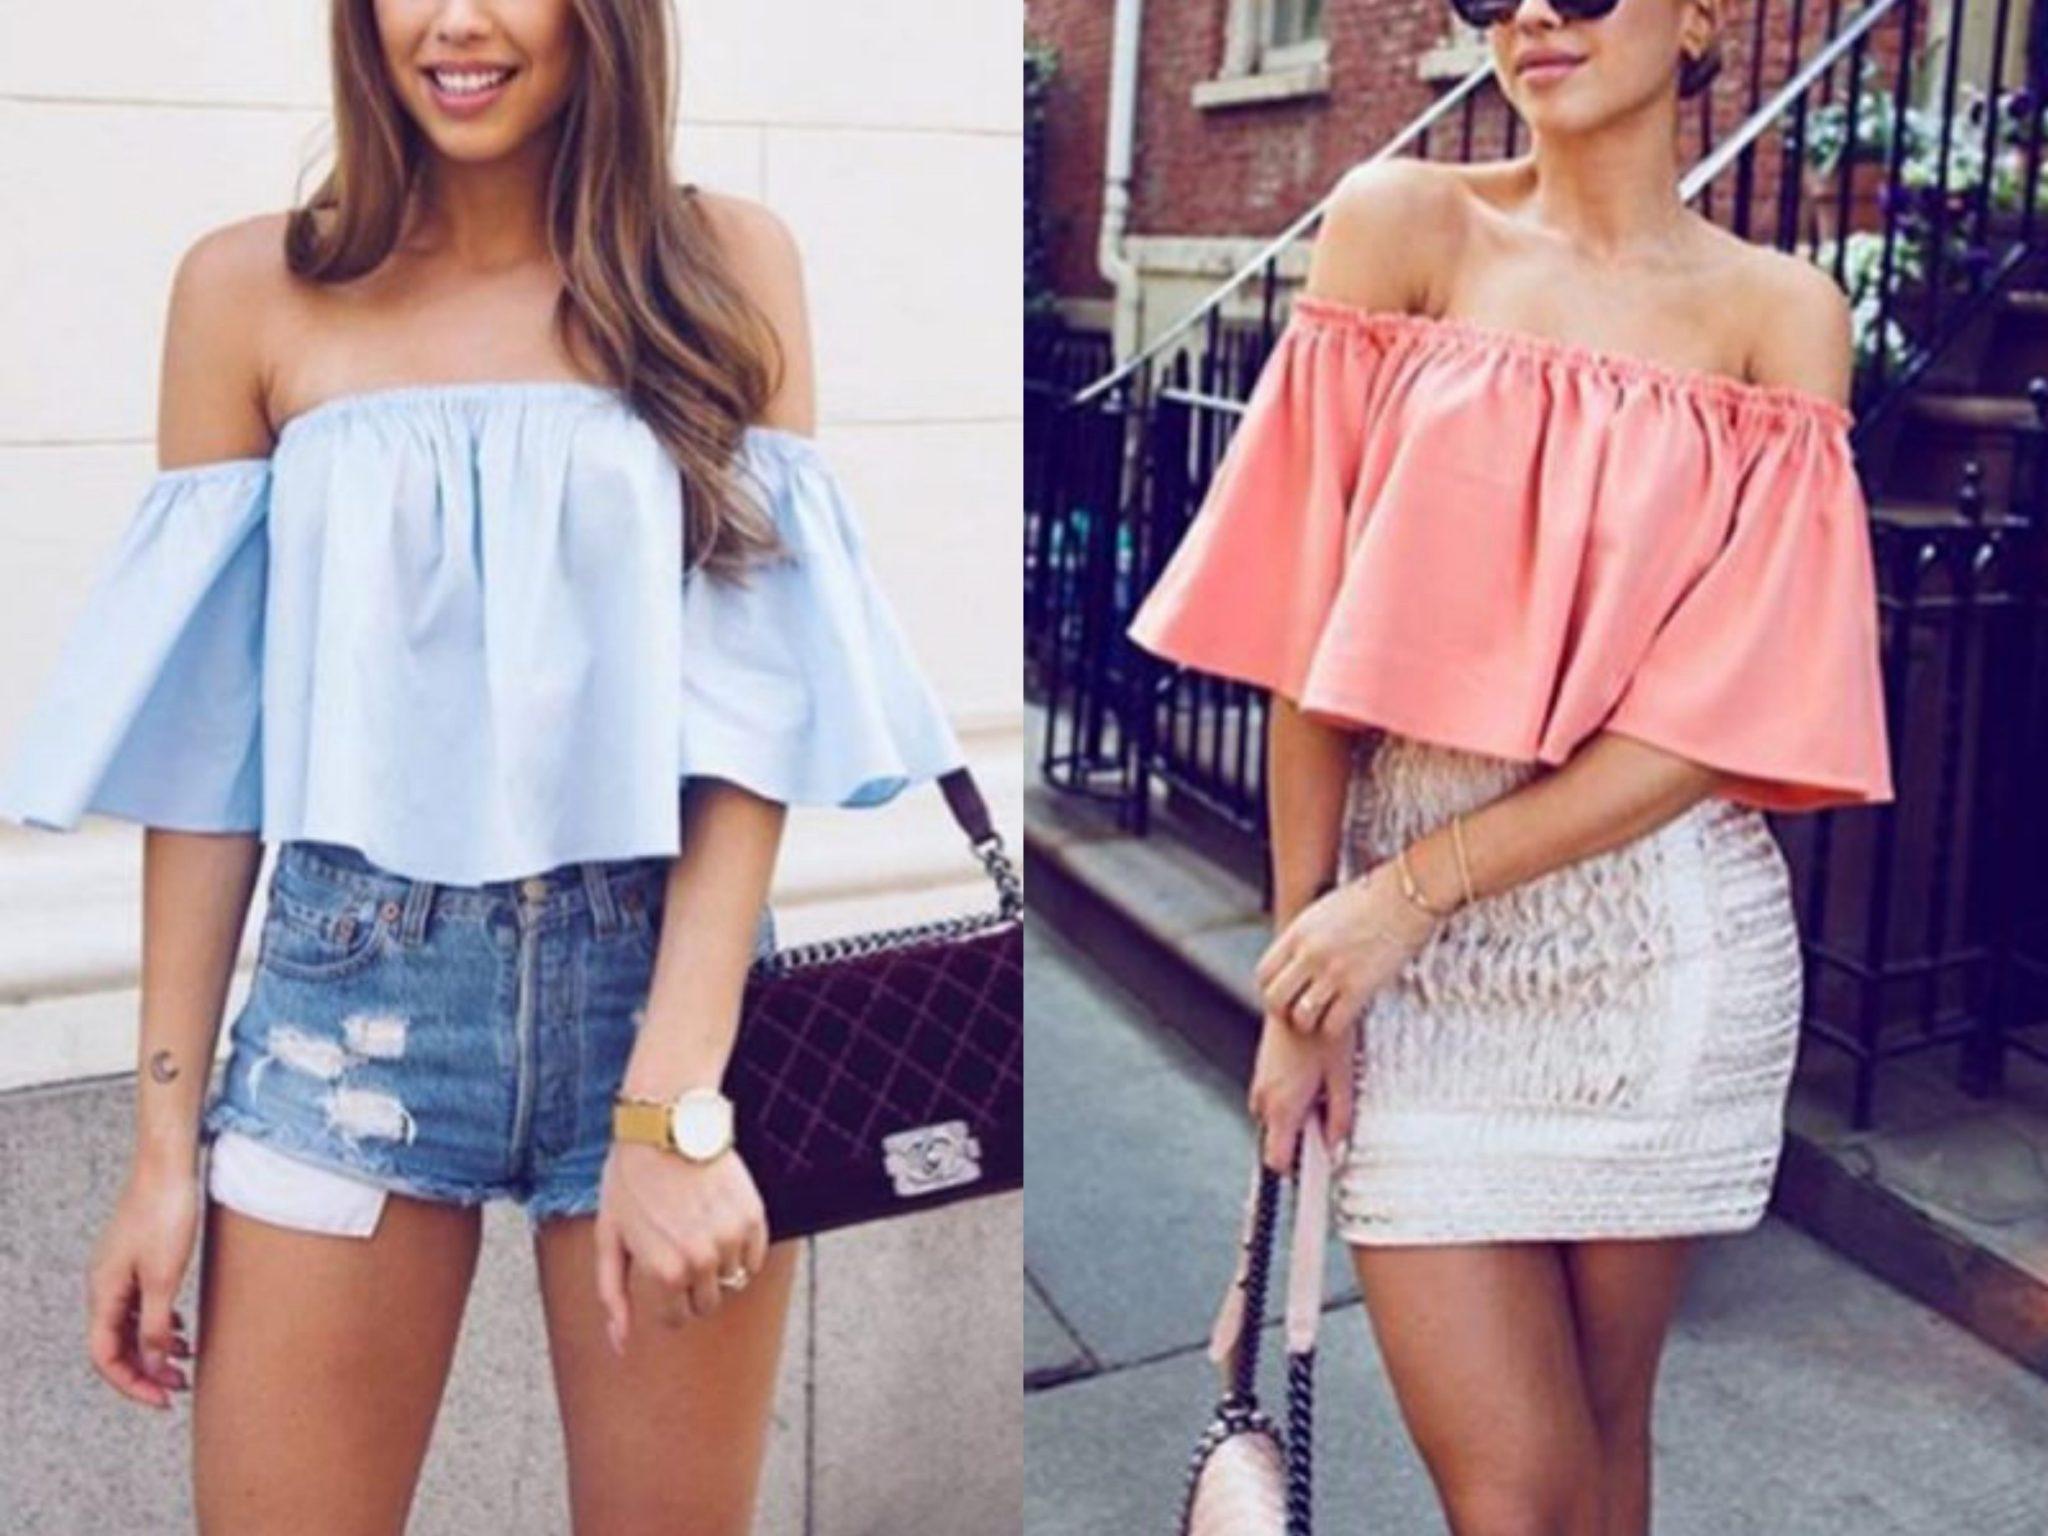 La primavera y Bellalike  te ponen guapa con sus diseños refrescantes de moda 5